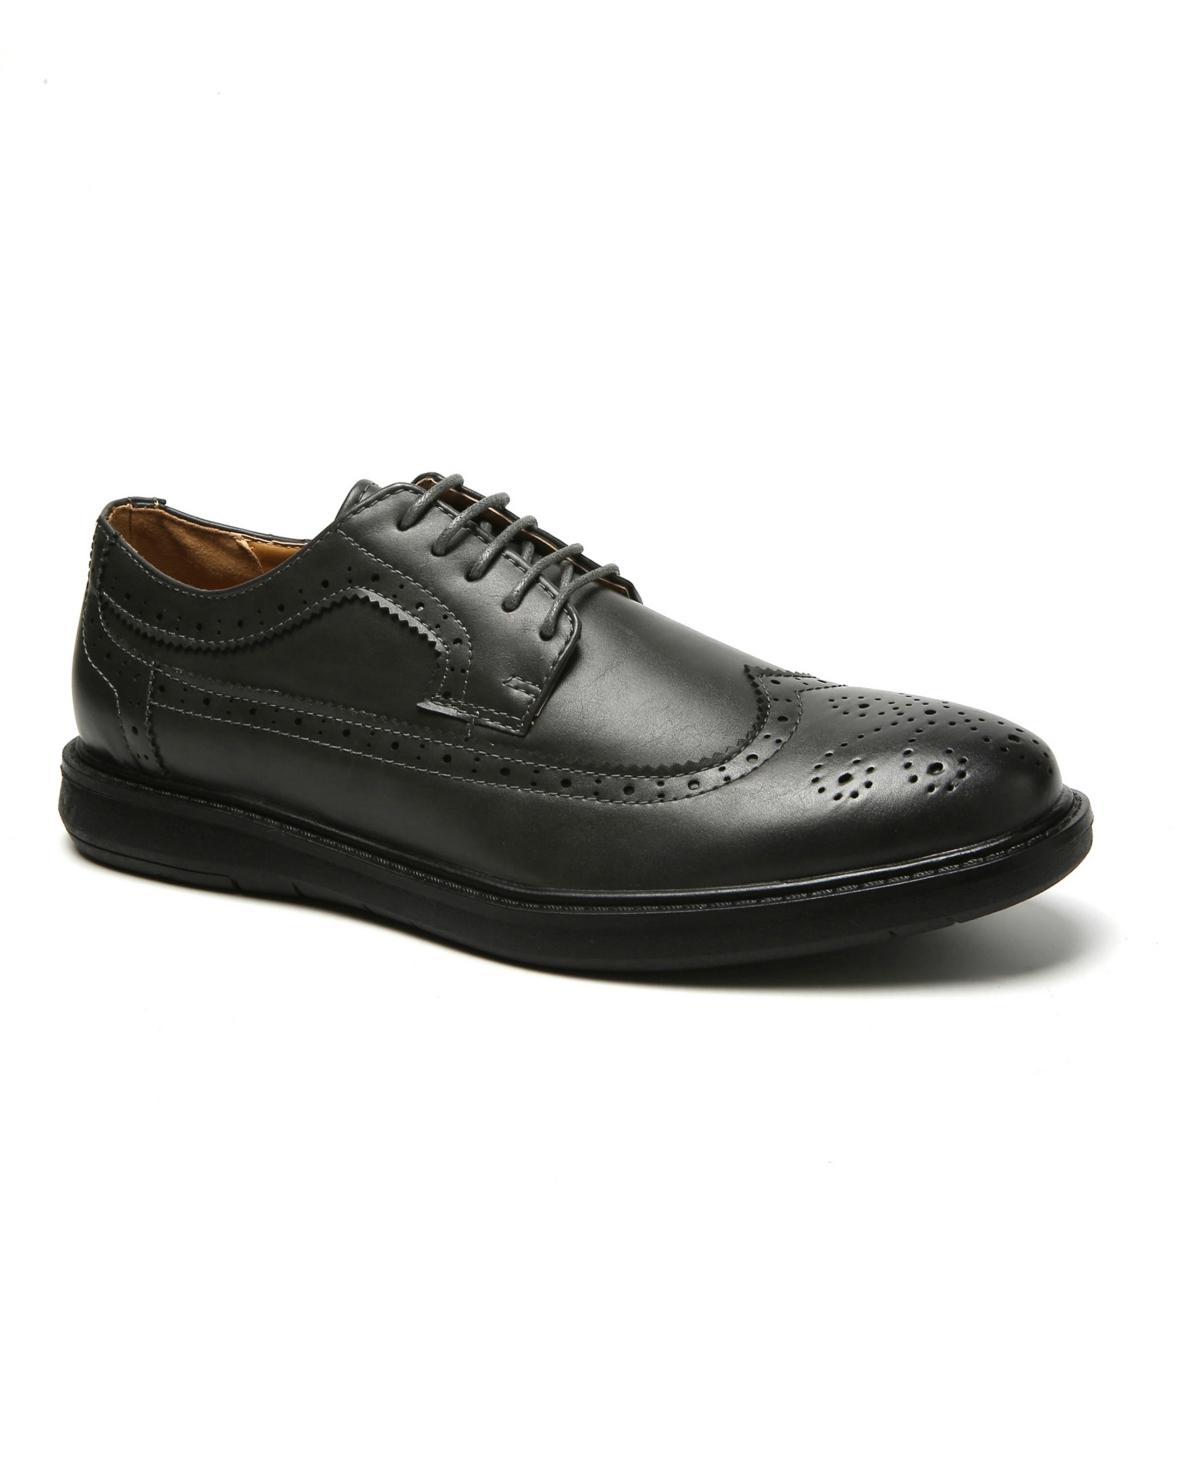 Aston Marc Men's Wingtip Oxfords Shoes Men's Shoes